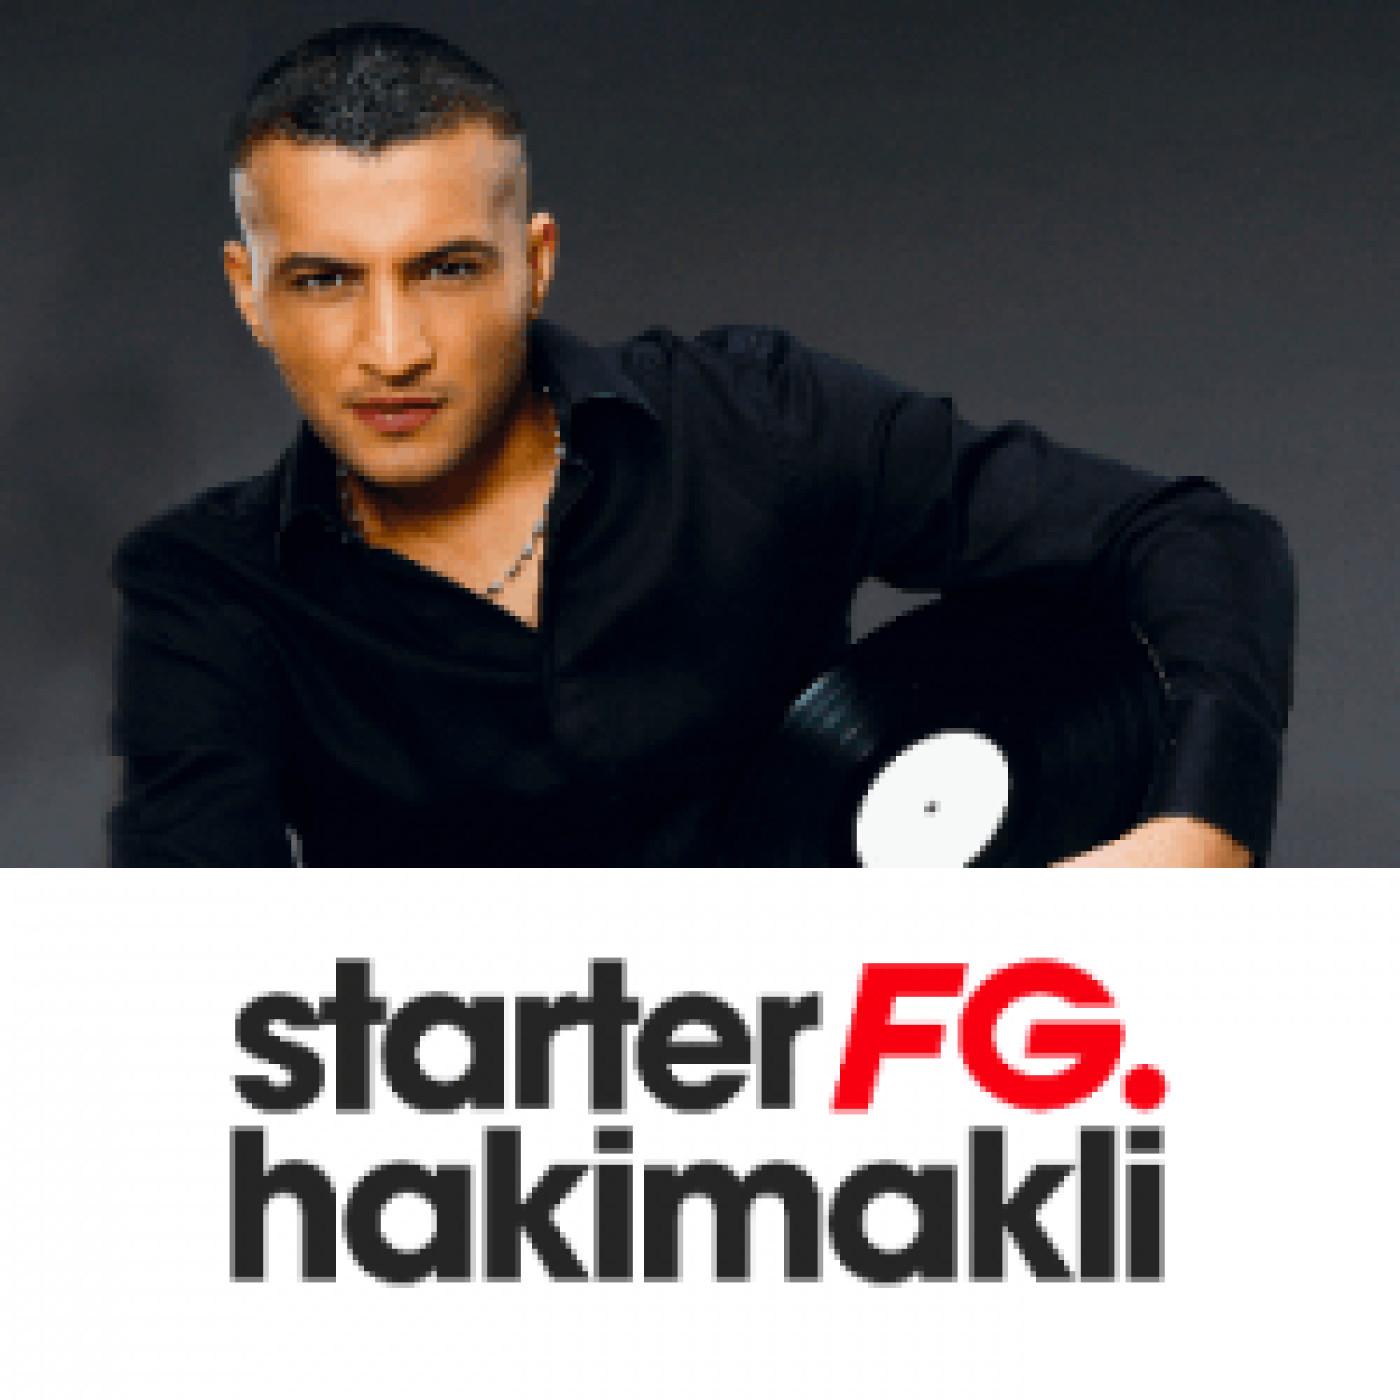 STARTER FG BY HAKIMAKLI JEUDI 10 SEPTEMBRE 2020